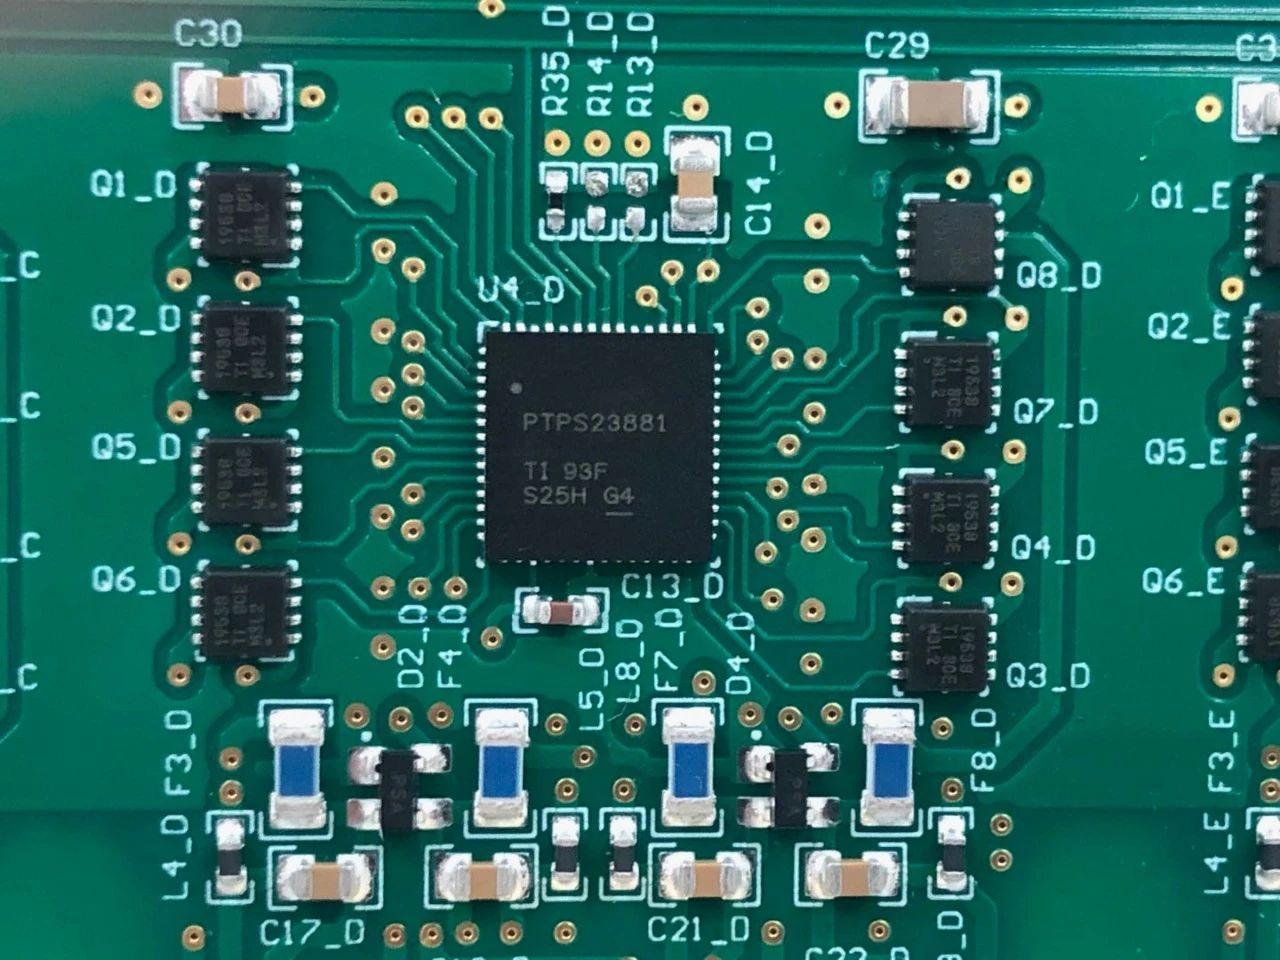 DEMO測試報告:TPS23881 4型 4線對 8通道 PoE PSE控制器